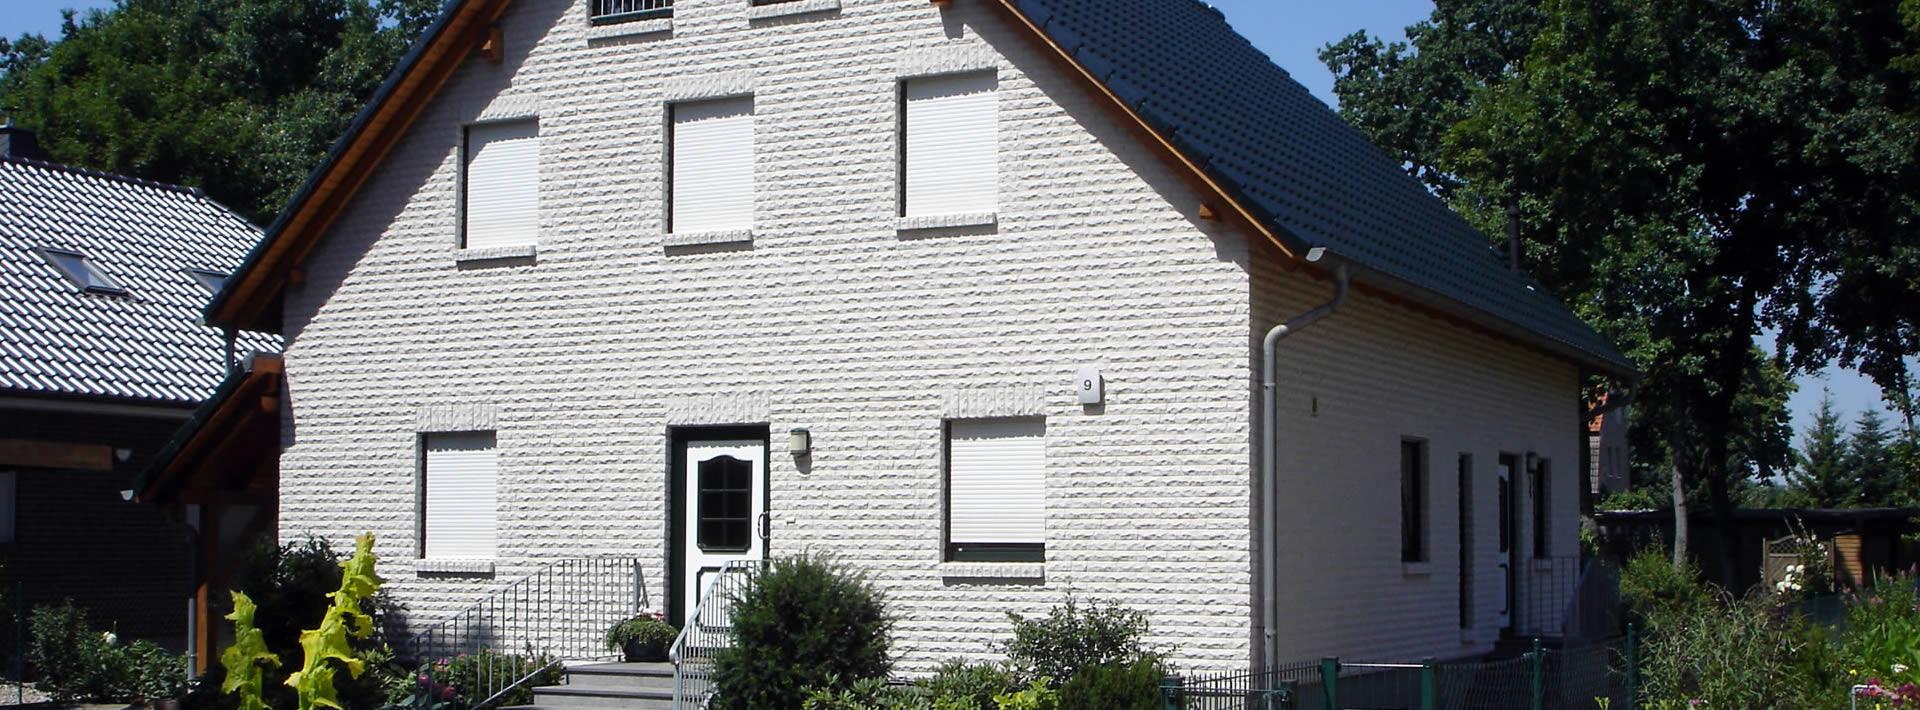 schaum massivhaus hausbau in berlin und brandenburg. Black Bedroom Furniture Sets. Home Design Ideas